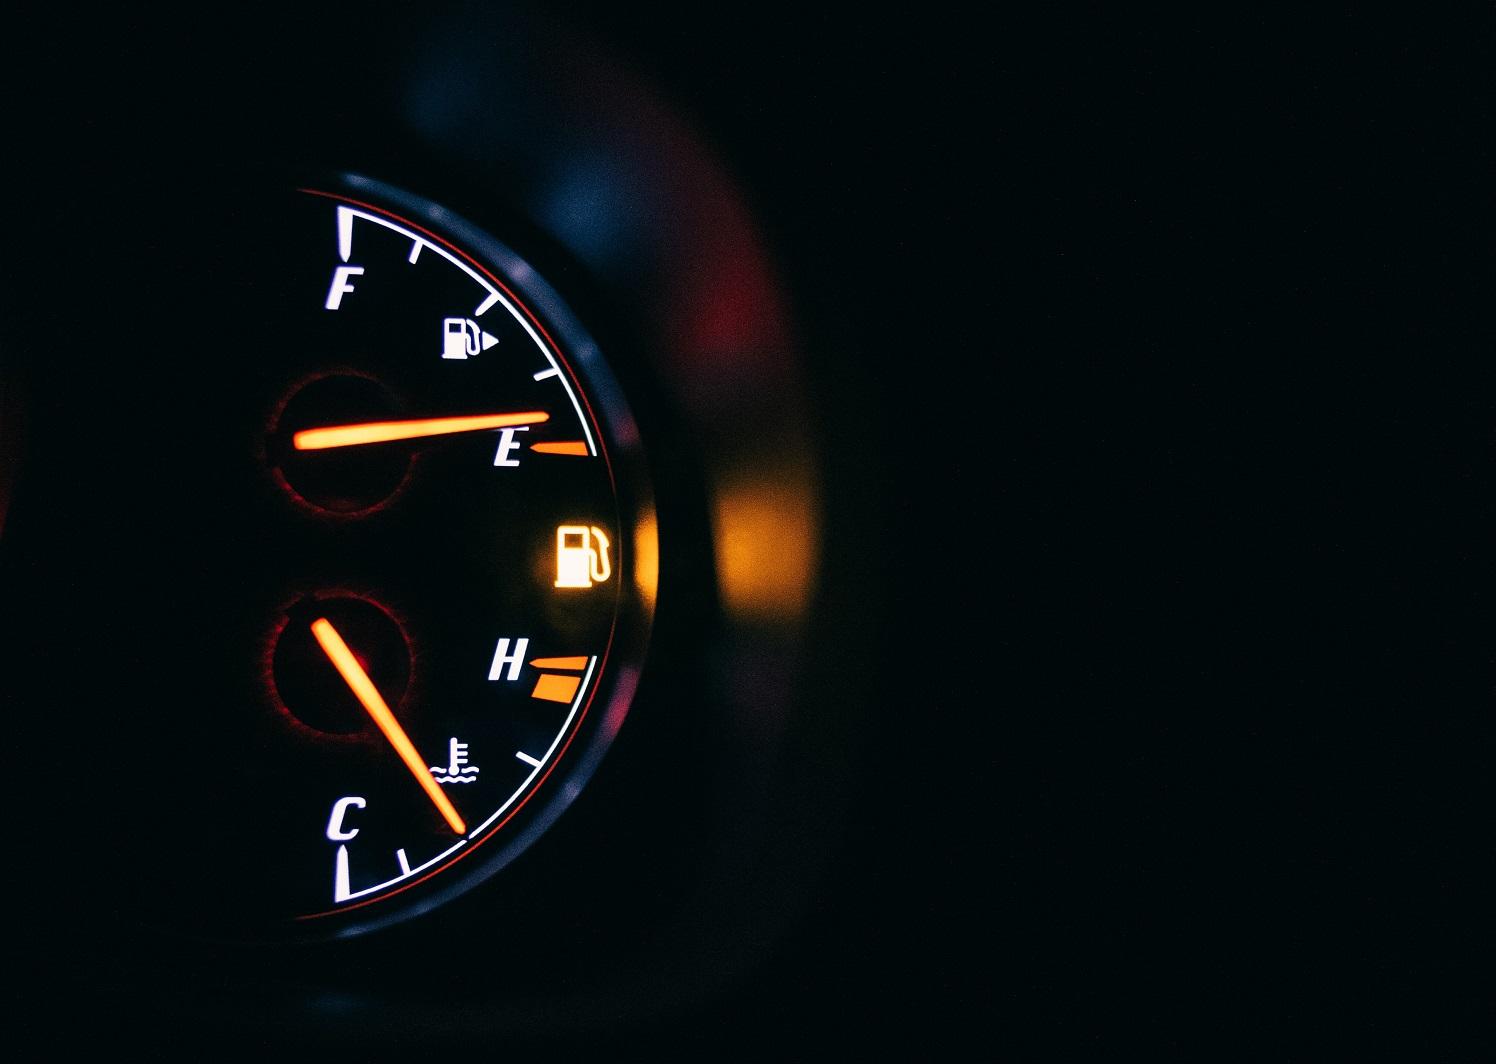 Degalų sektoriaus laukia proveržis: testuojamas benzinas iš atsinaujinančių žaliavų